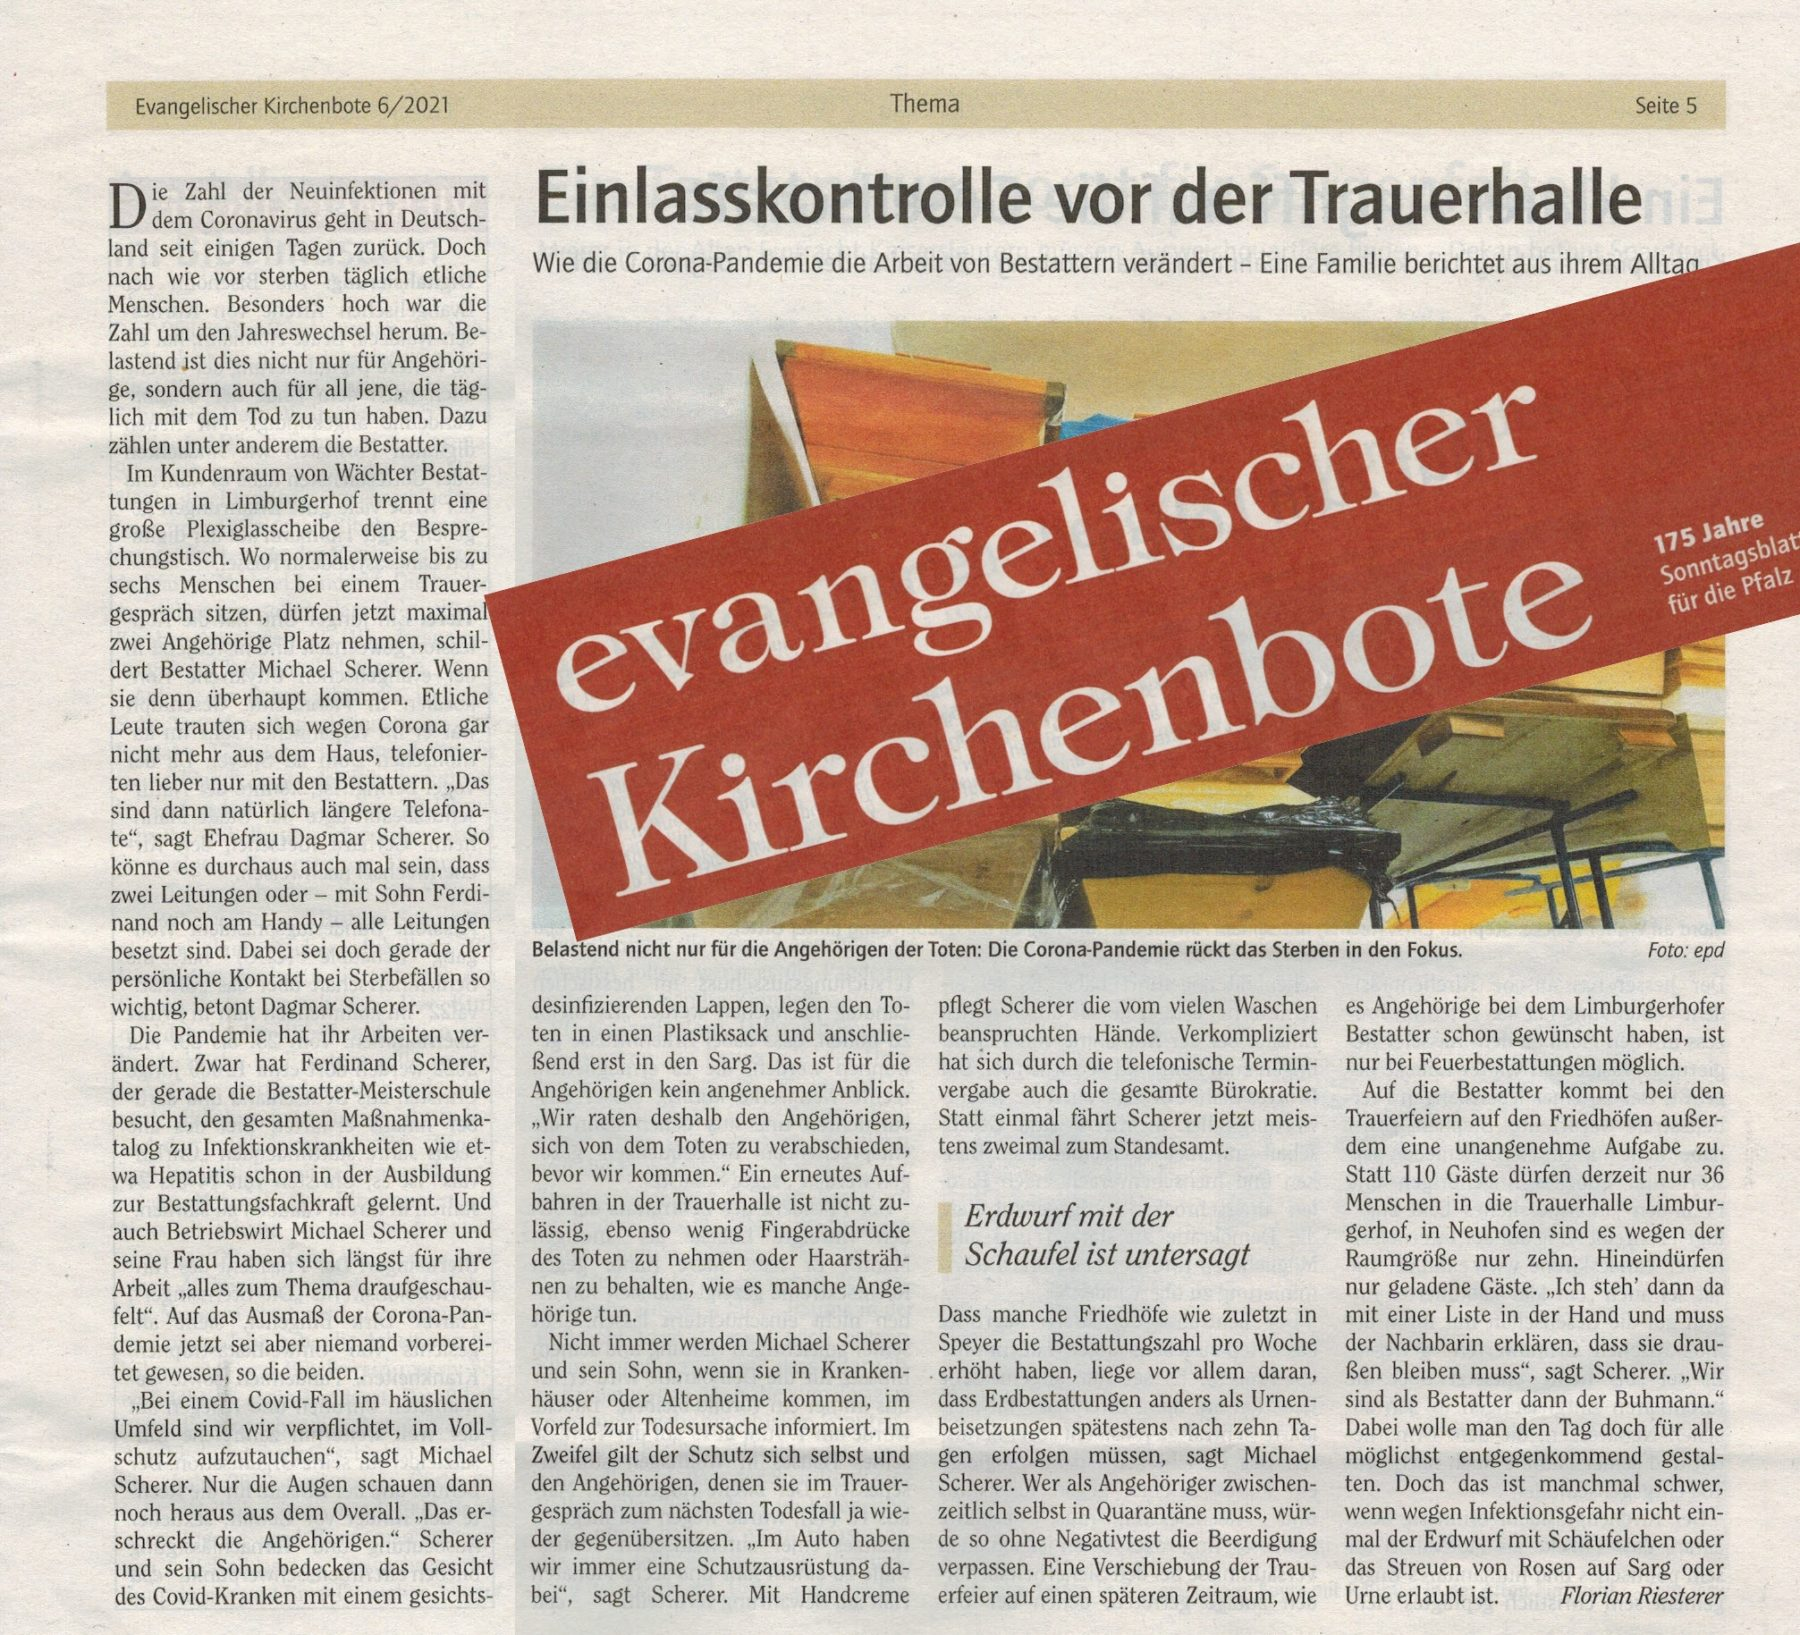 evangelischer Kirchenbote, Ausgabe 6/2021, Sonntag, 7. Februar 2021, Seite 5